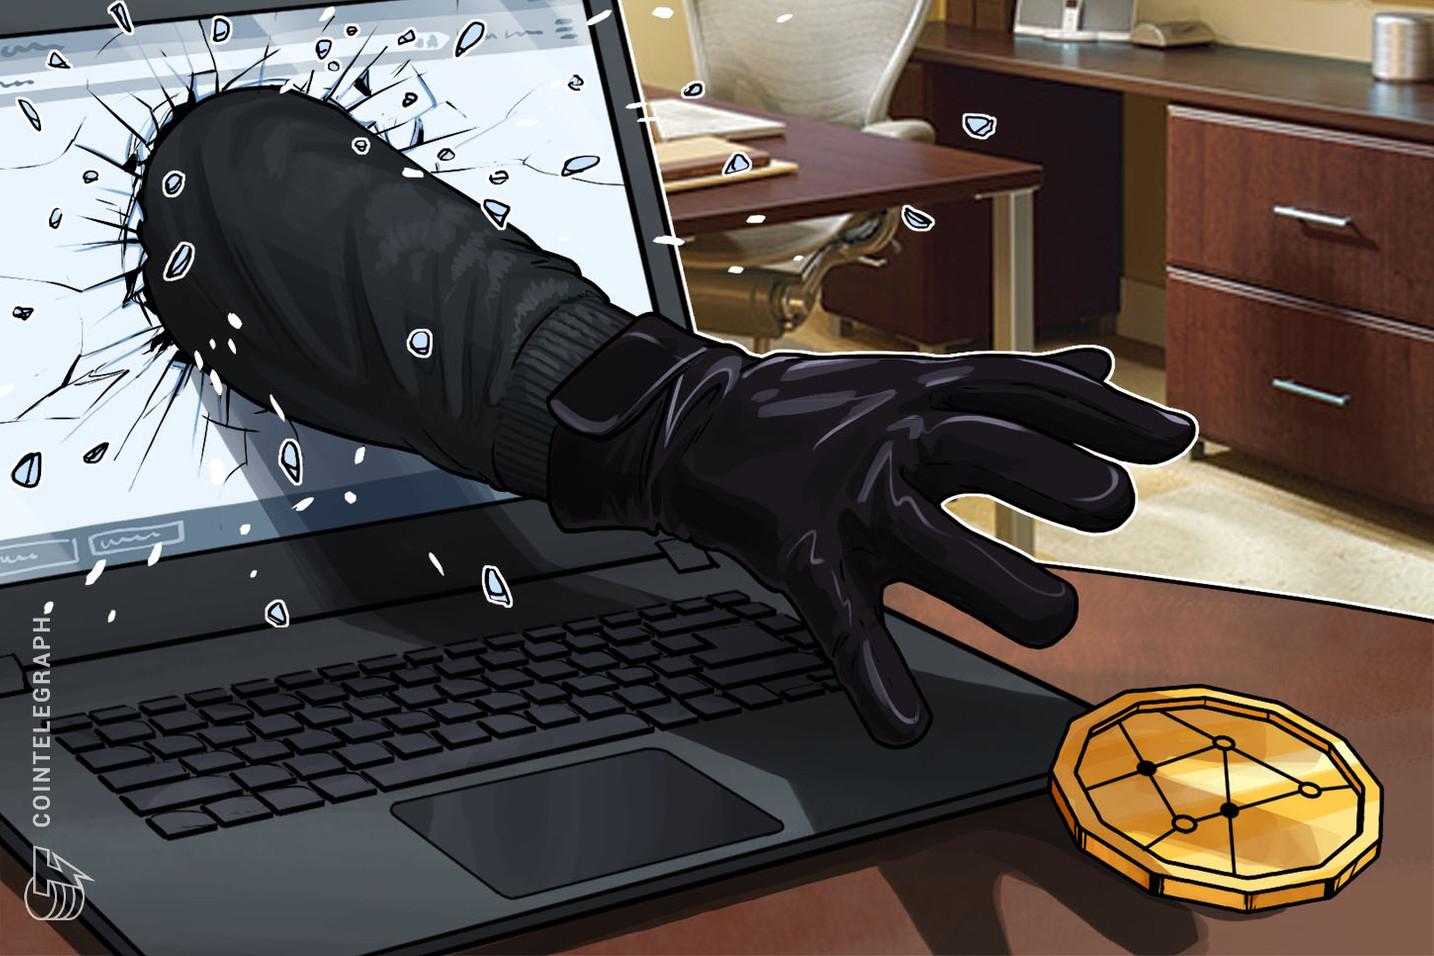 Tri tajlandska brata optužena za bitkoin prevaru u iznosu od 24 miliona dolara